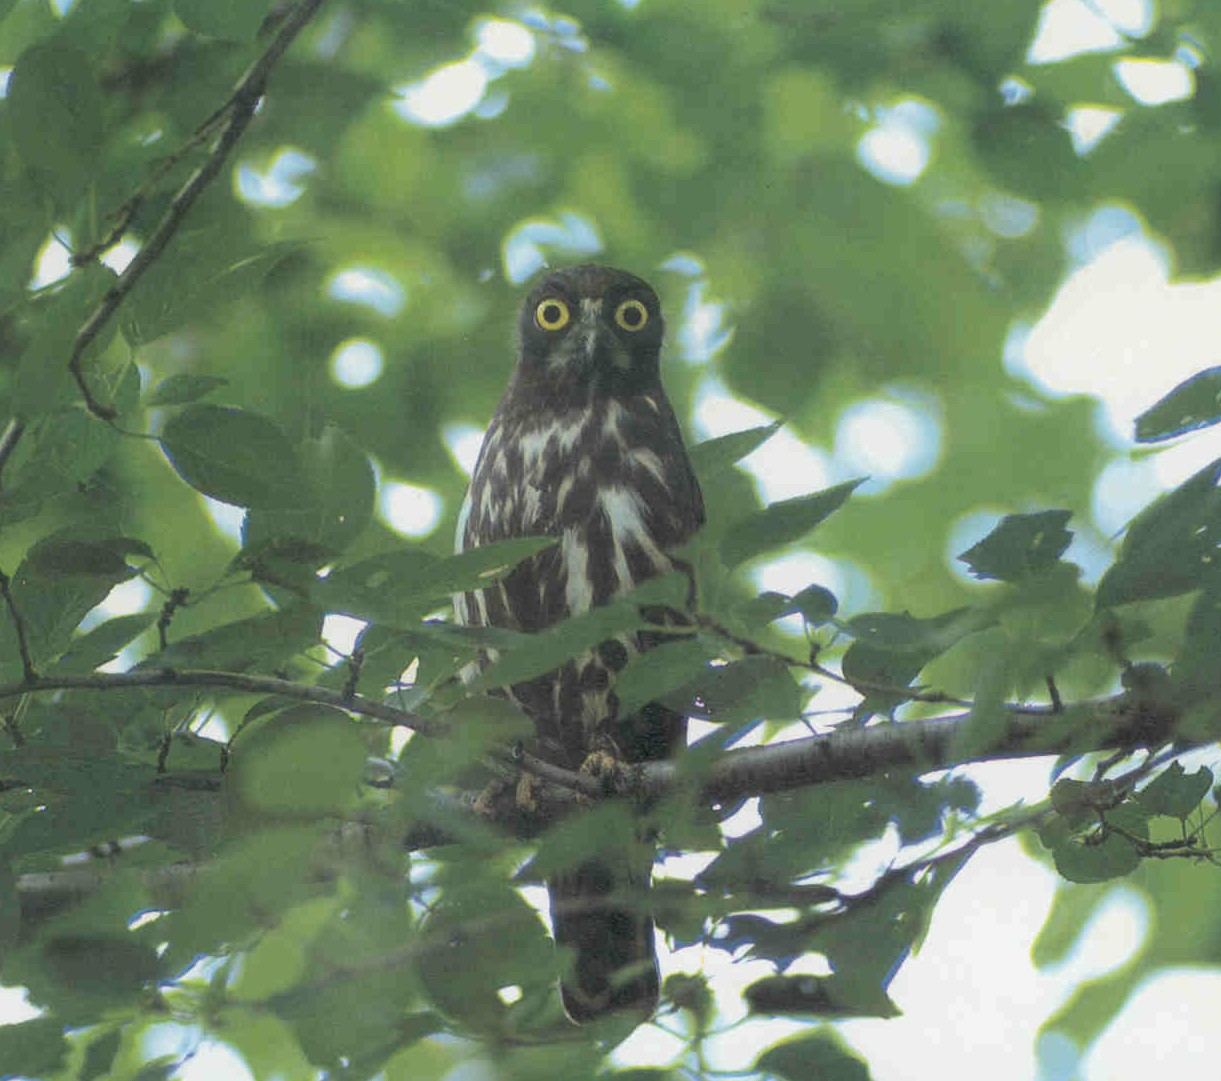 Philippine Hawk Owl | Philippine Bird Photography Forum